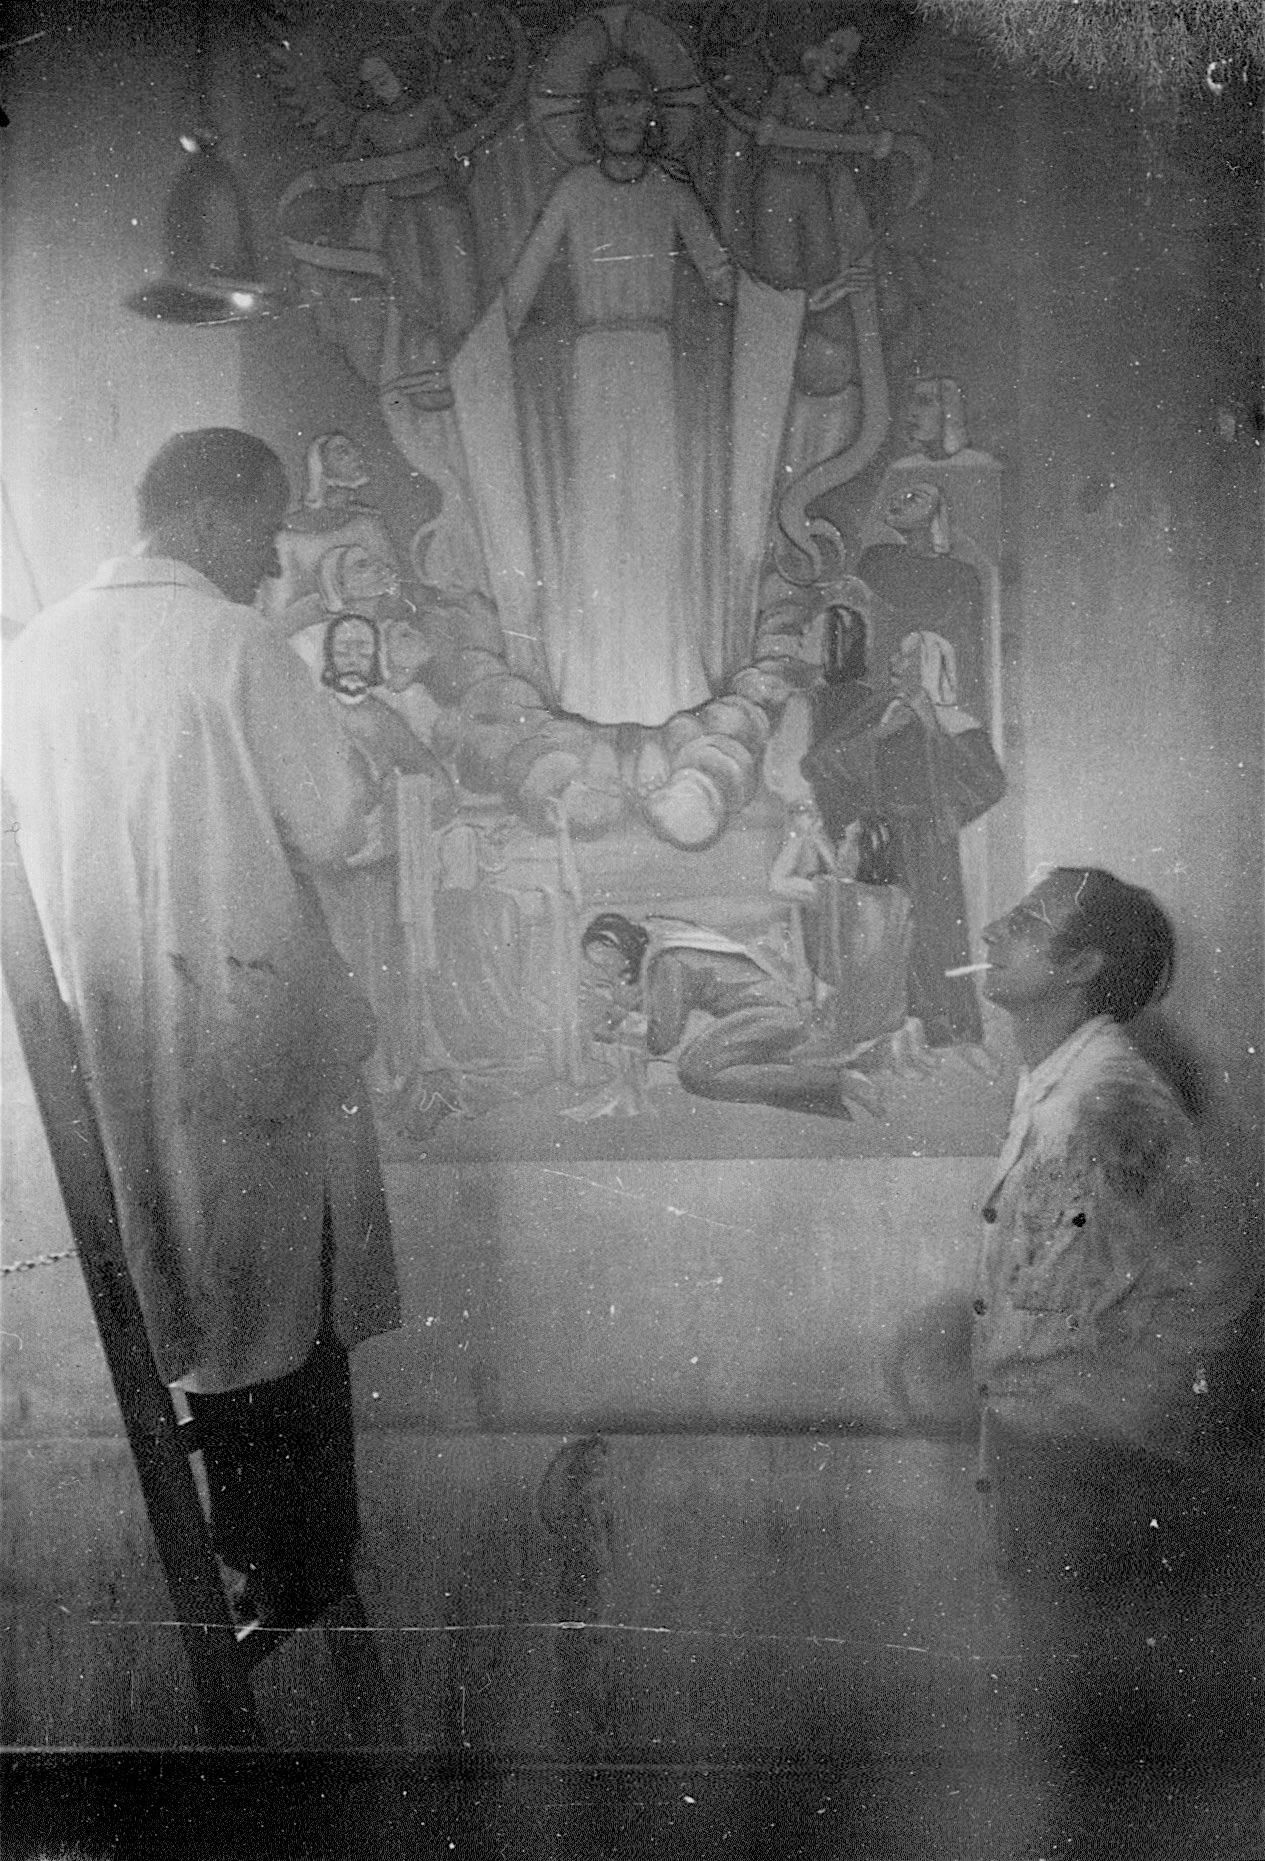 Altargestaltung in Hessen